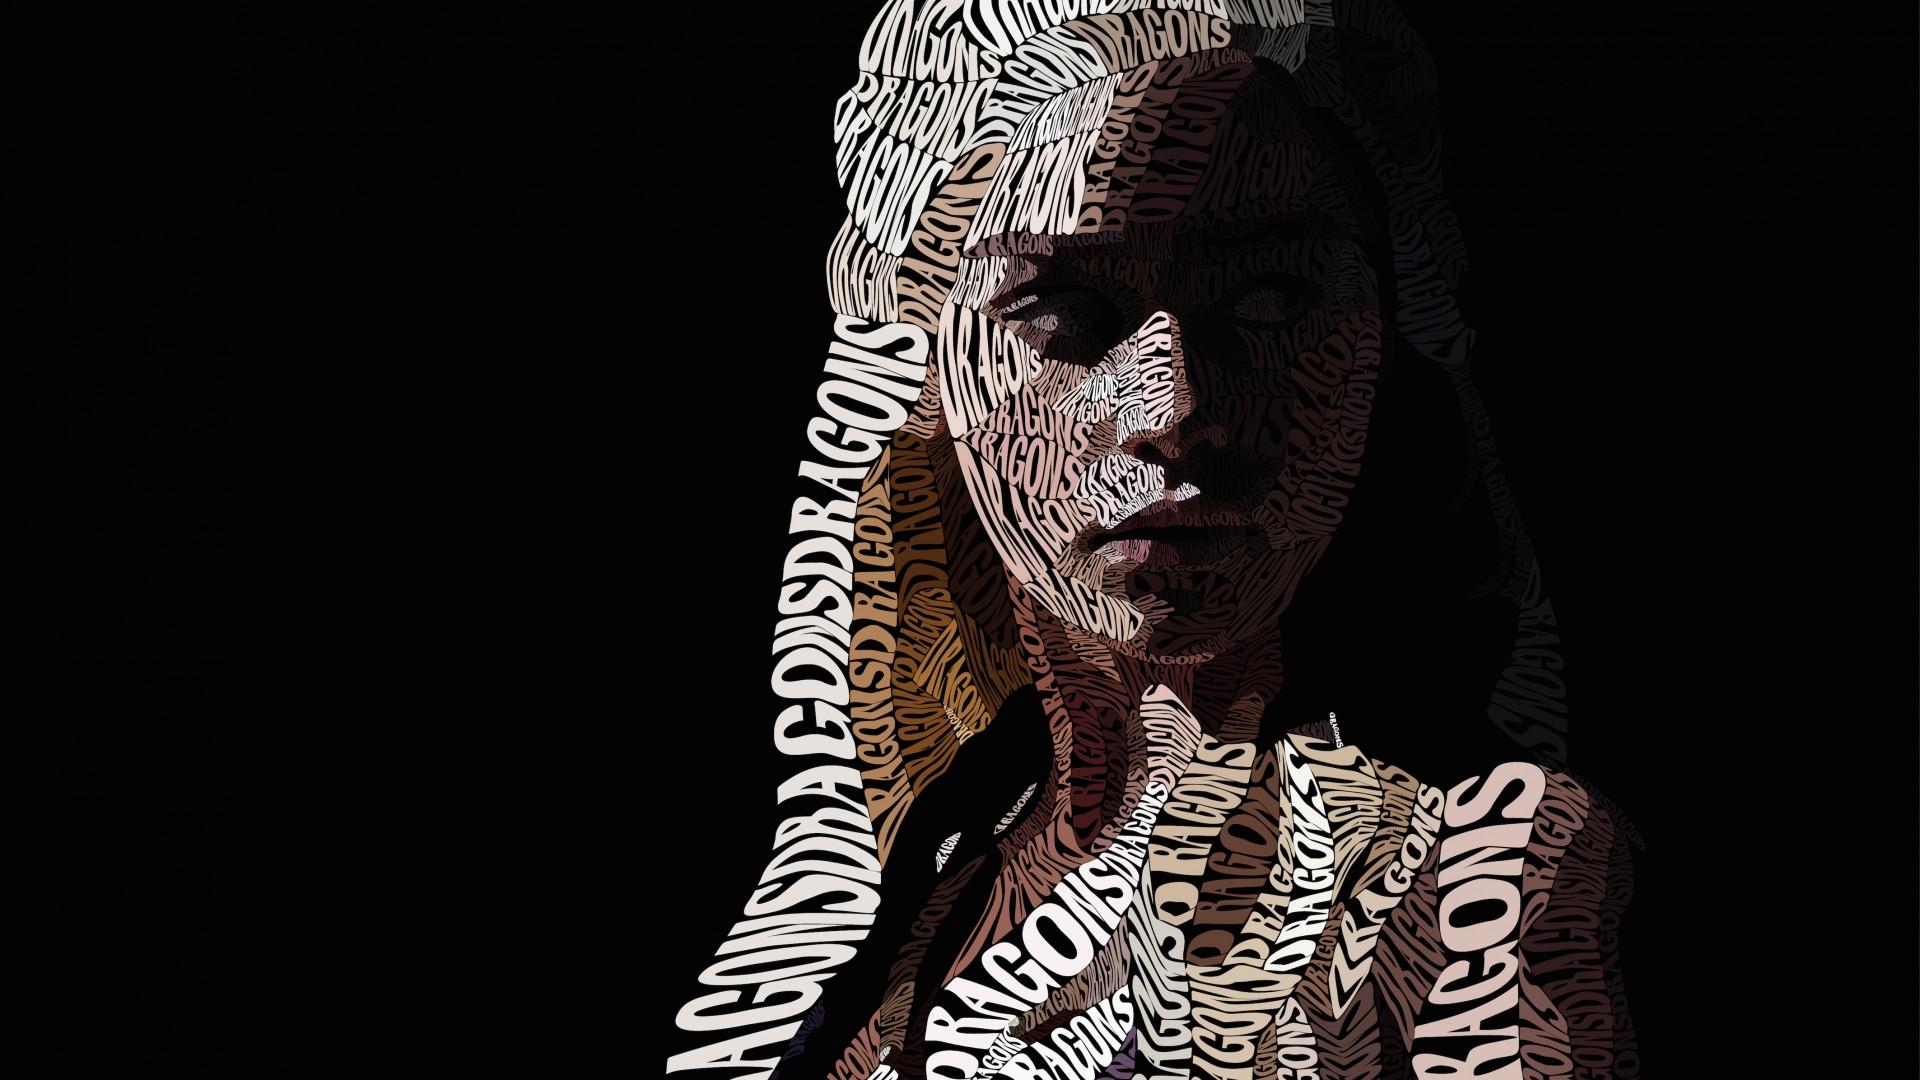 Khaleesi Wallpaper